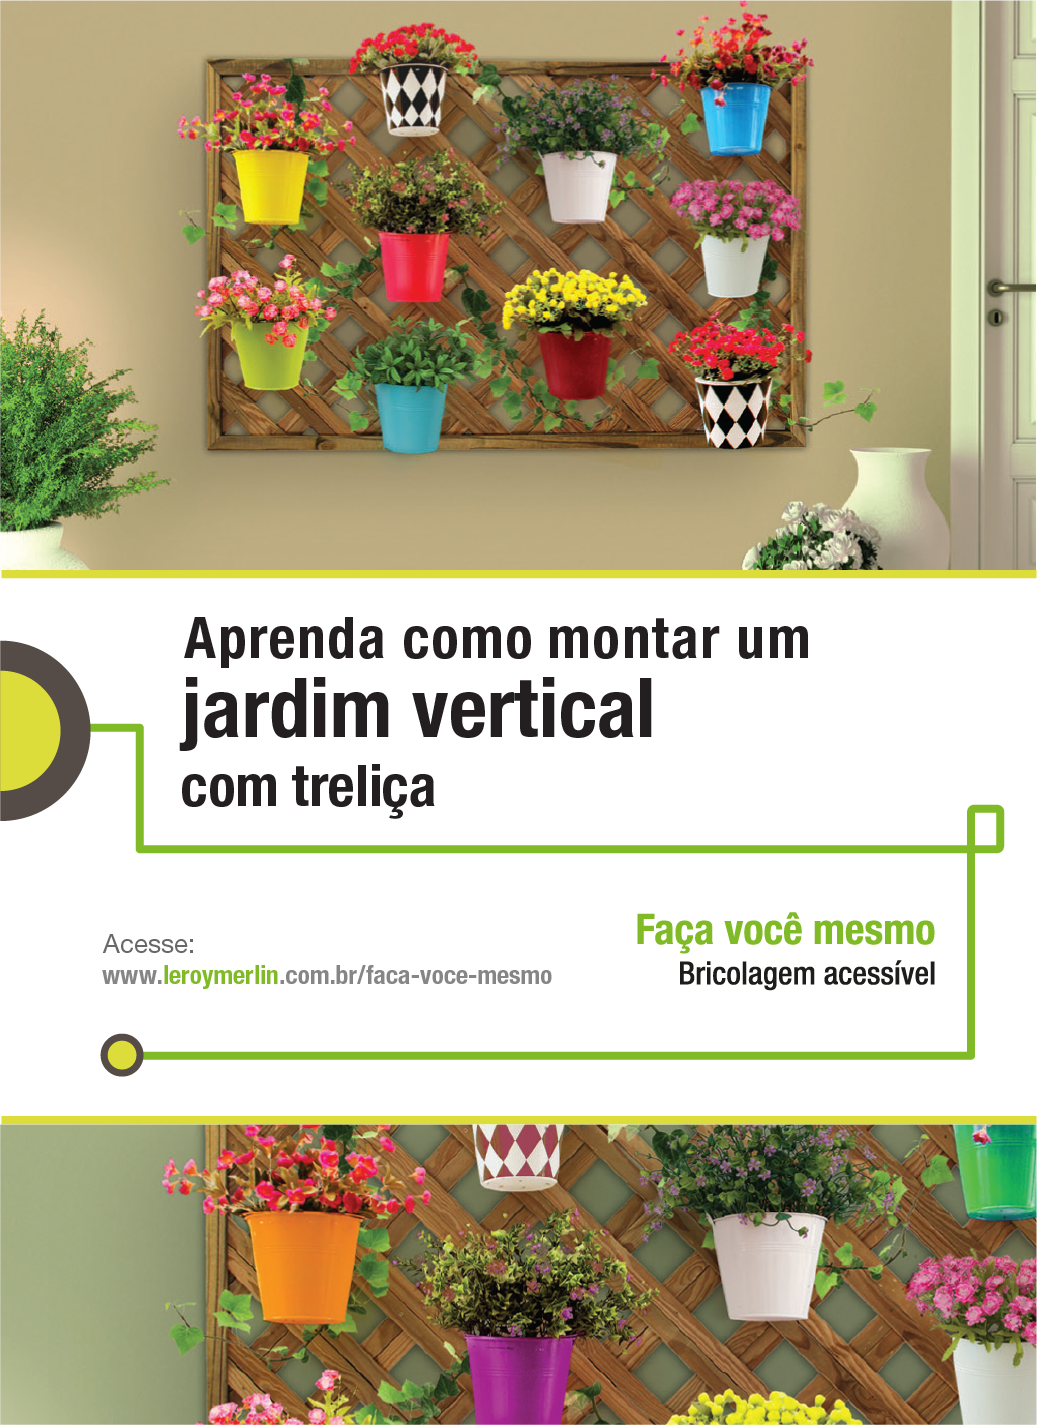 Um cantinho pequeno não é desculpa para não ter plantas em casa, isso porque montar um jardim vertical com treliça é muito fácil como você pode ver e fazer com a nossa Ficha de Bricolagem. http://leroy.co/1O7ebtd